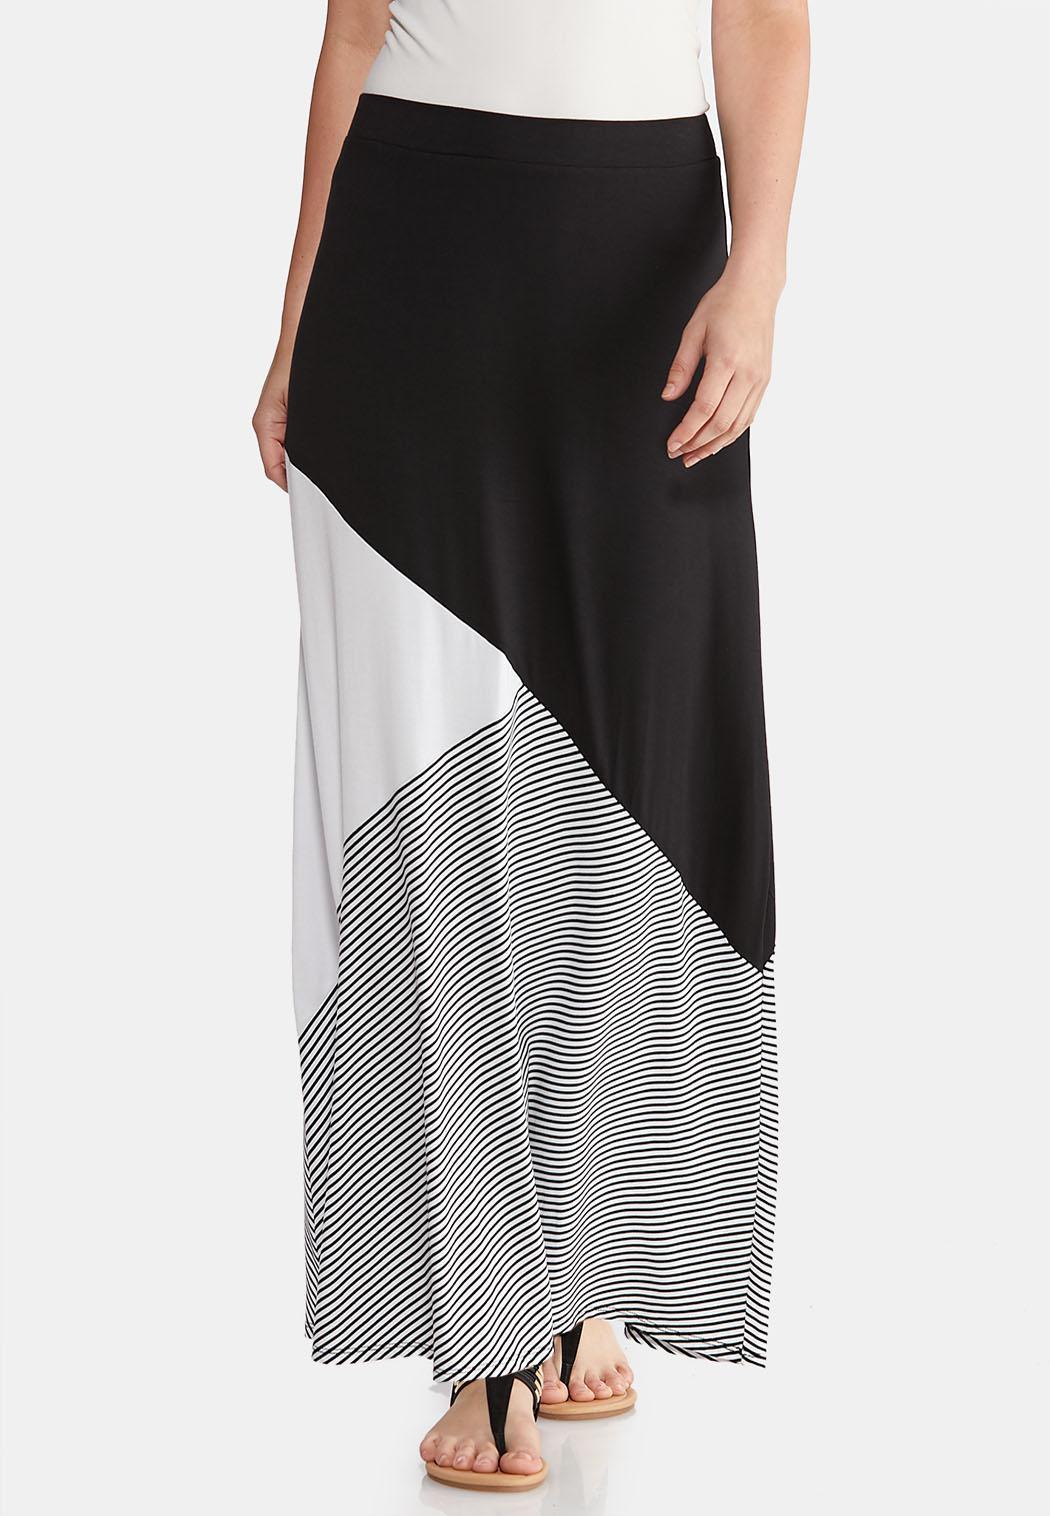 b7d6289ae89 Women s Clothes   Fashion